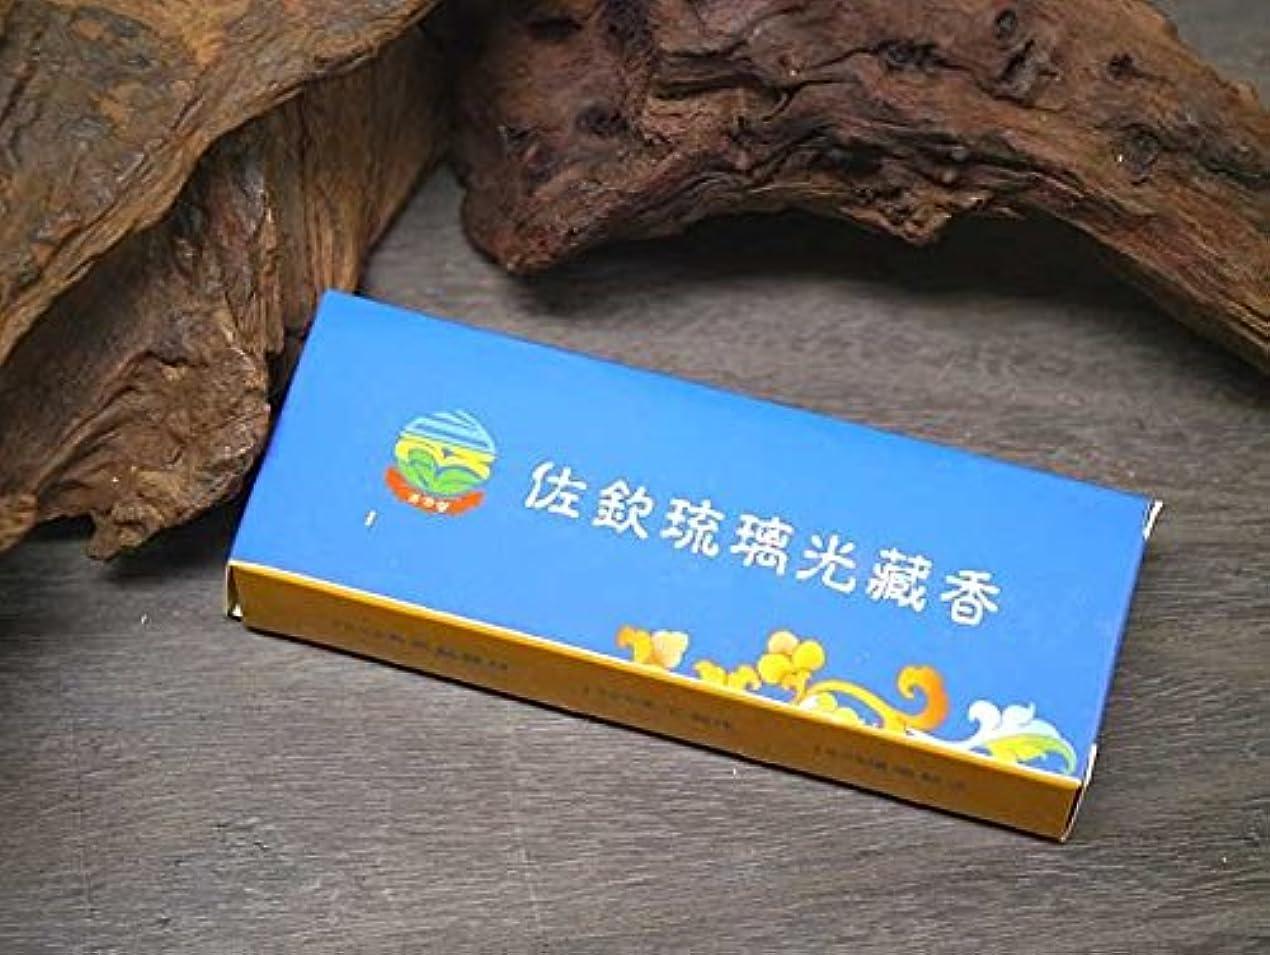 コーンウォール暖かく活性化する中国香 甘孜チベット自治州にある慈善医院のお香【佐欽琉璃光蔵香】